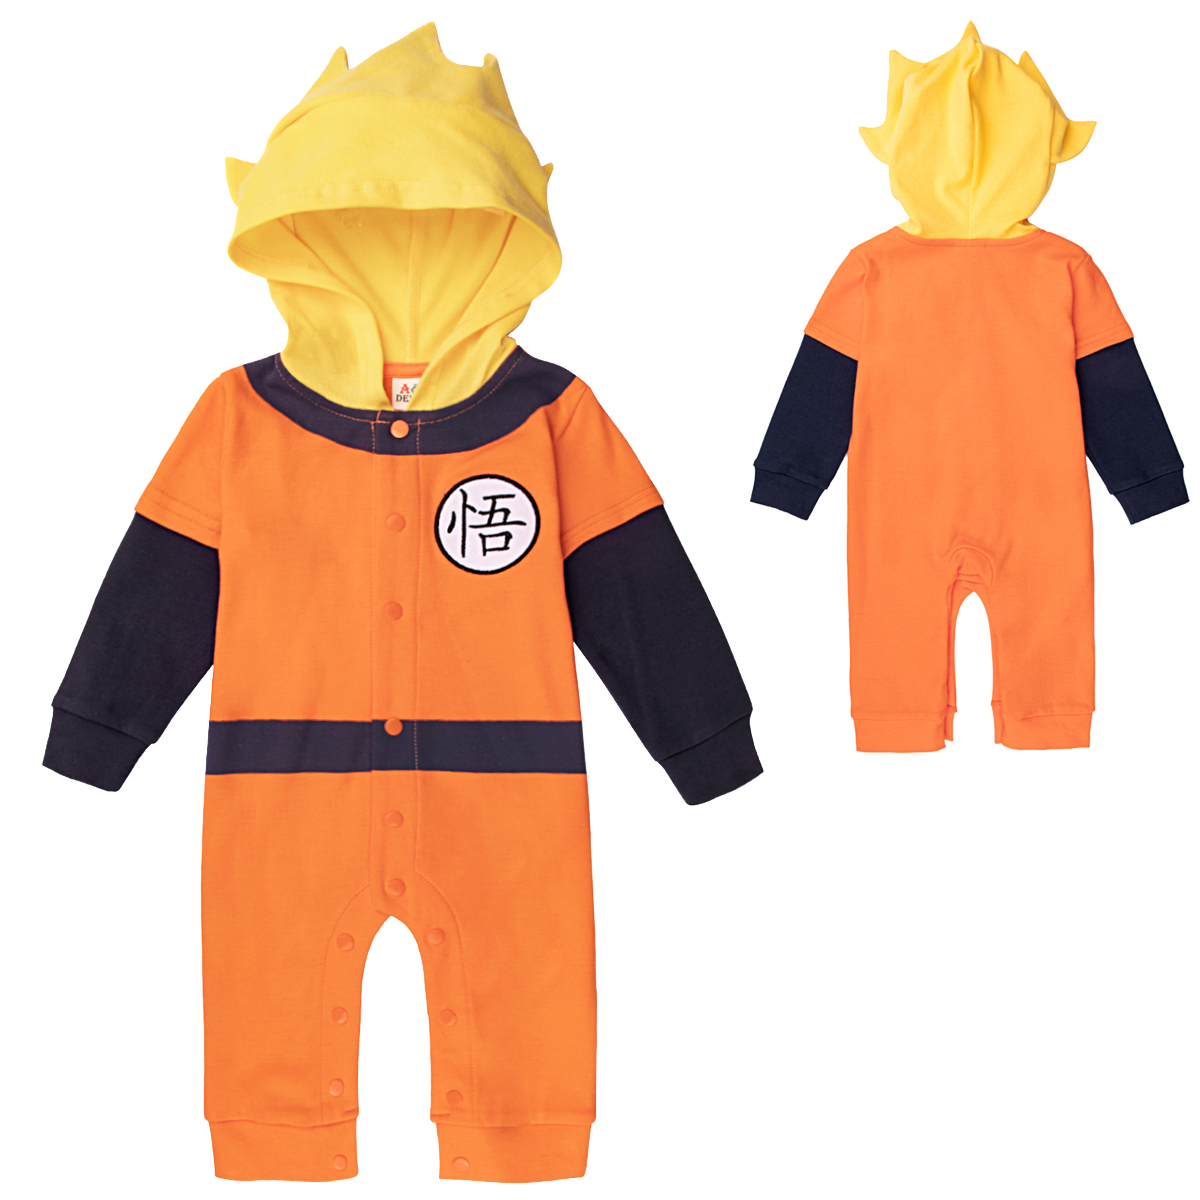 Bebê menino com capuz roupas recém-nascidos dragon ball macacão goku outfits infantil macacões bebê manga longa dos desenhos animados roupas 100% algodão